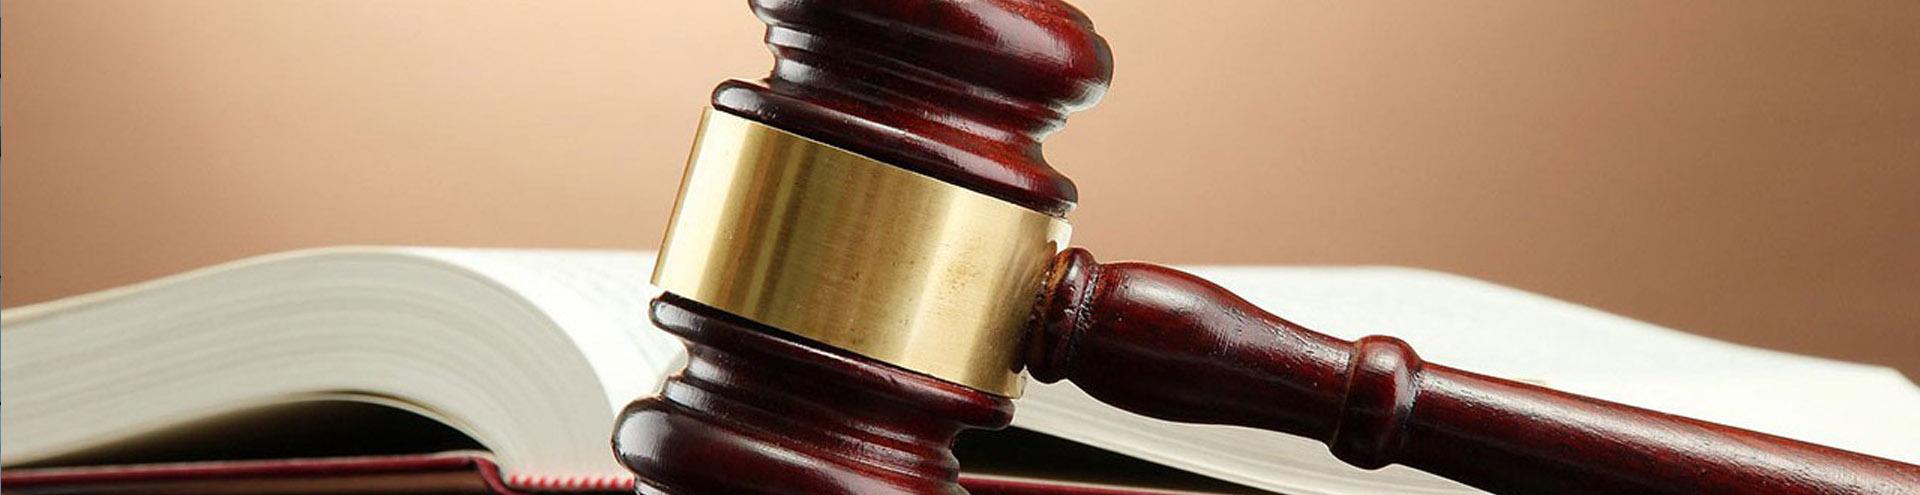 Подготовка жалобы, подготовка иска для подачи в суд в Астрахани и Астраханской области